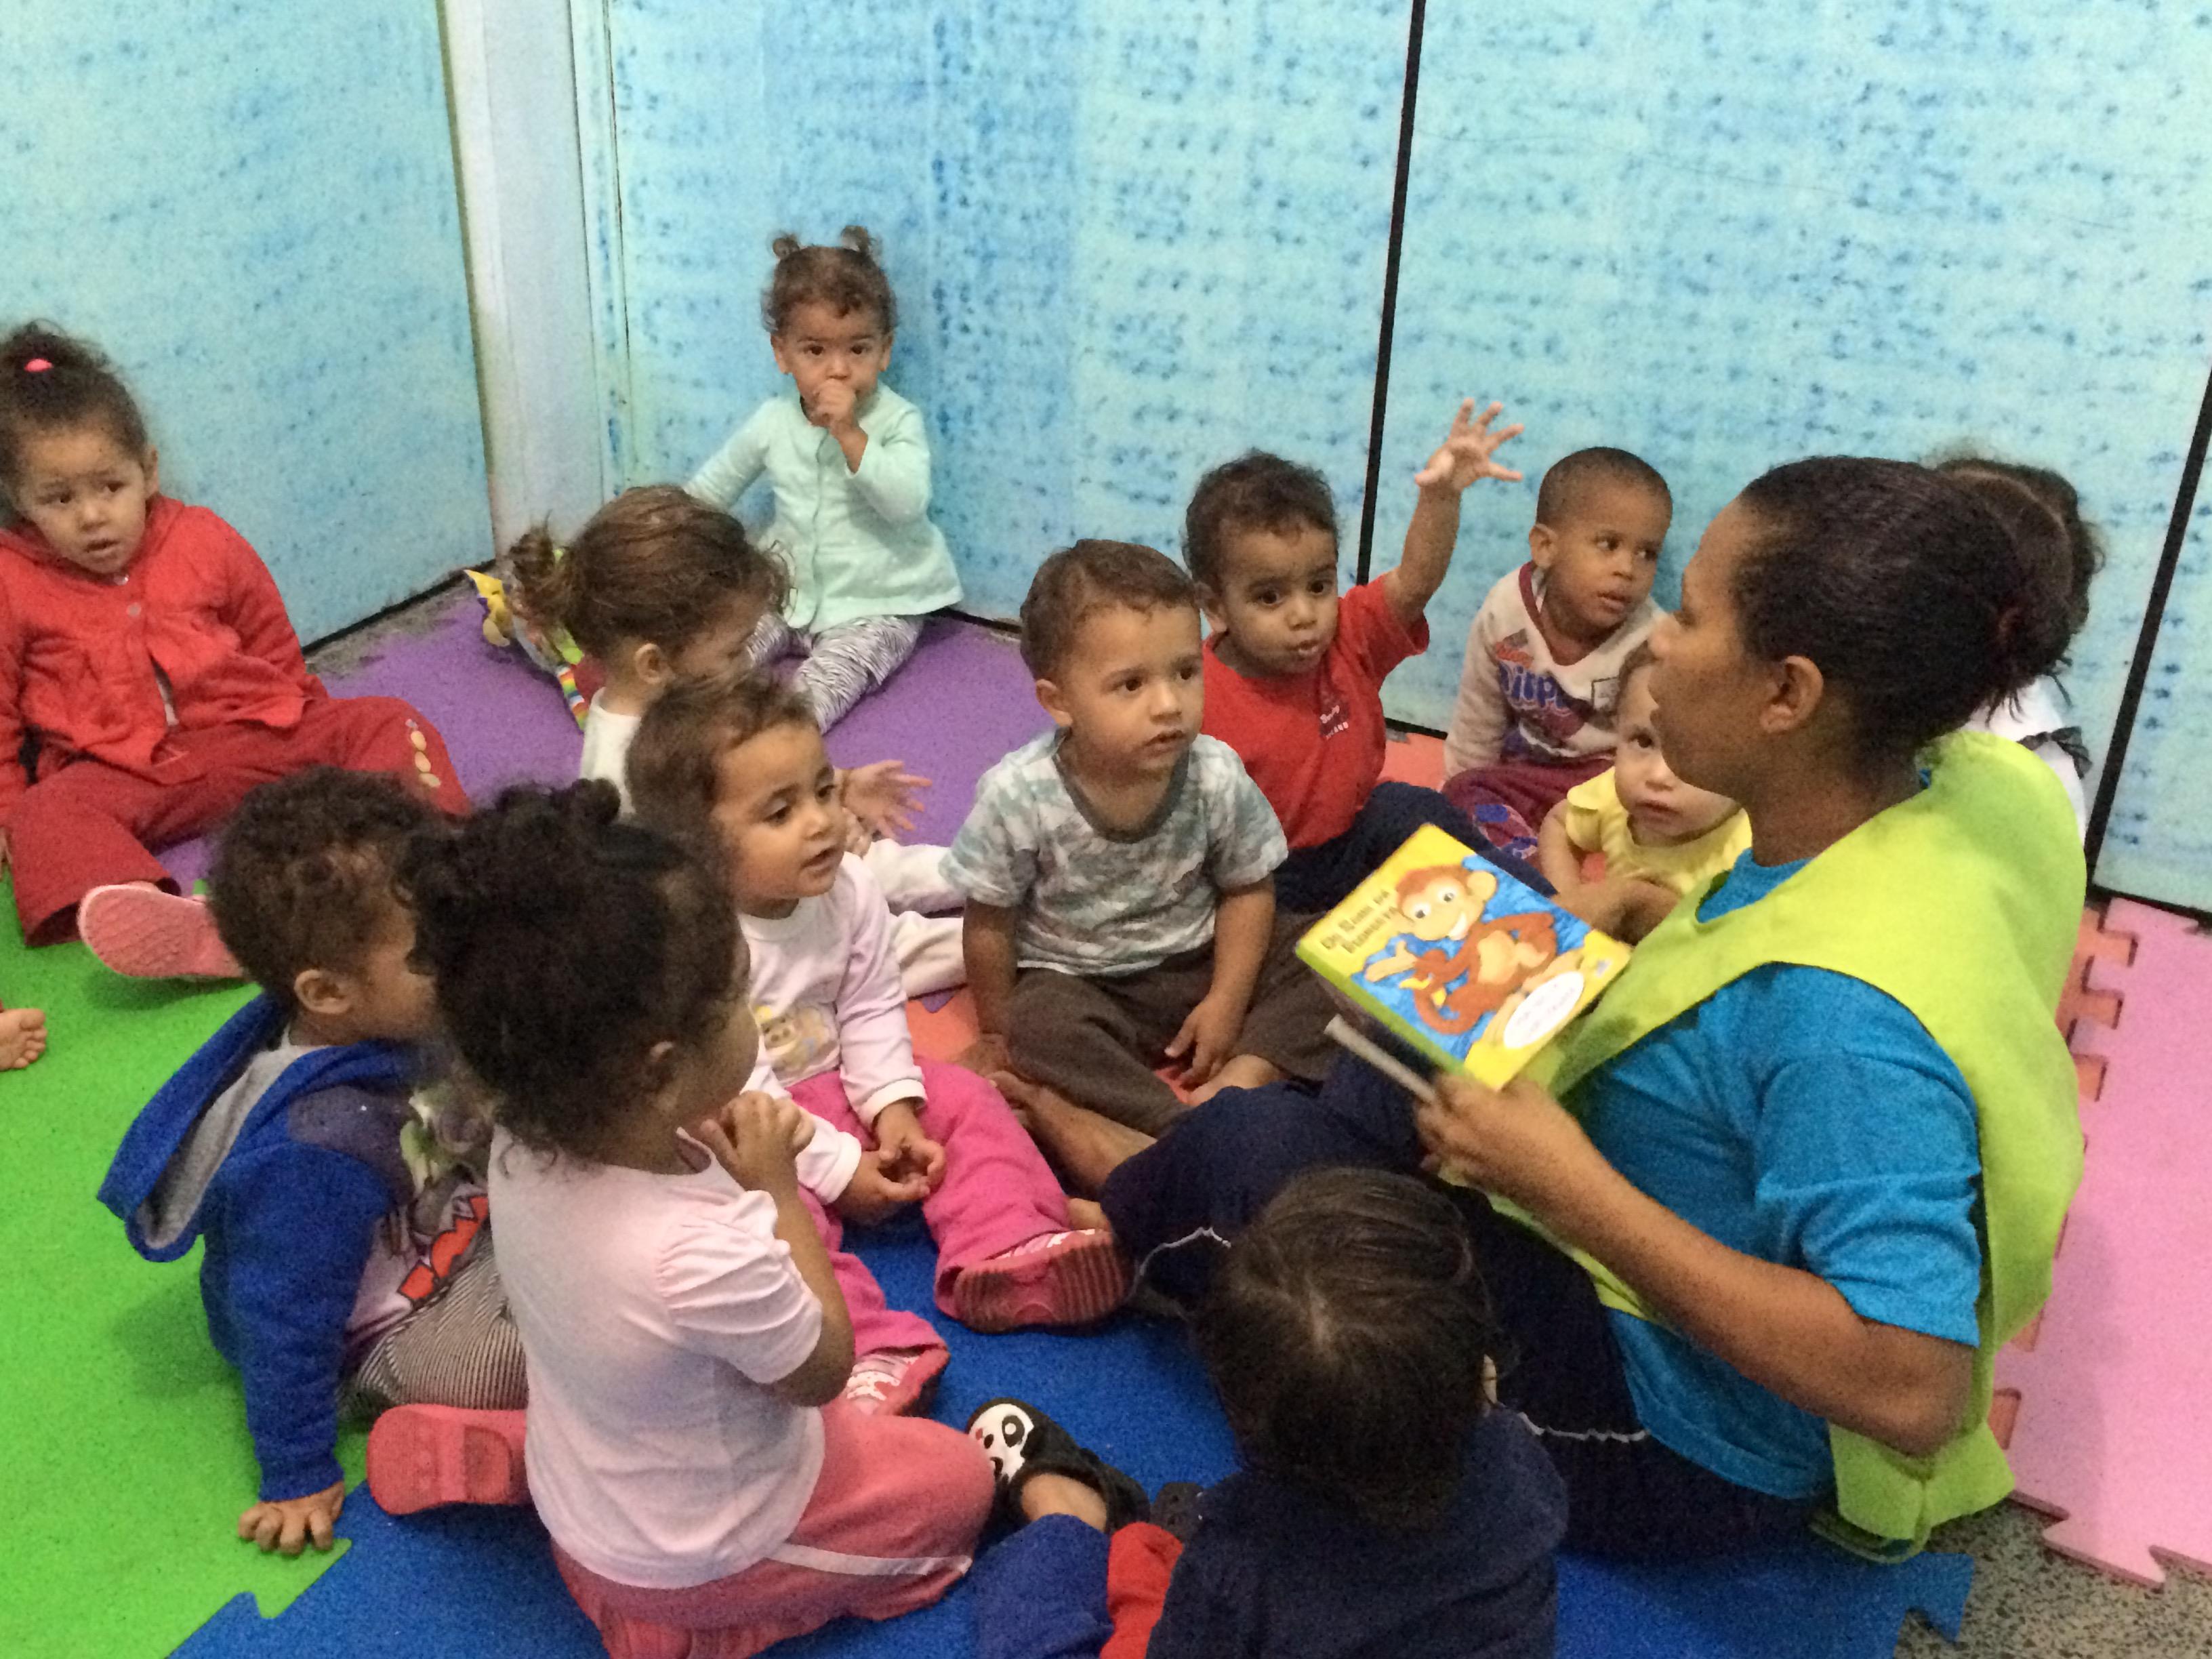 Por que as Crianças que ficam na Creche Desenvolvem Mais que as que não ficam?